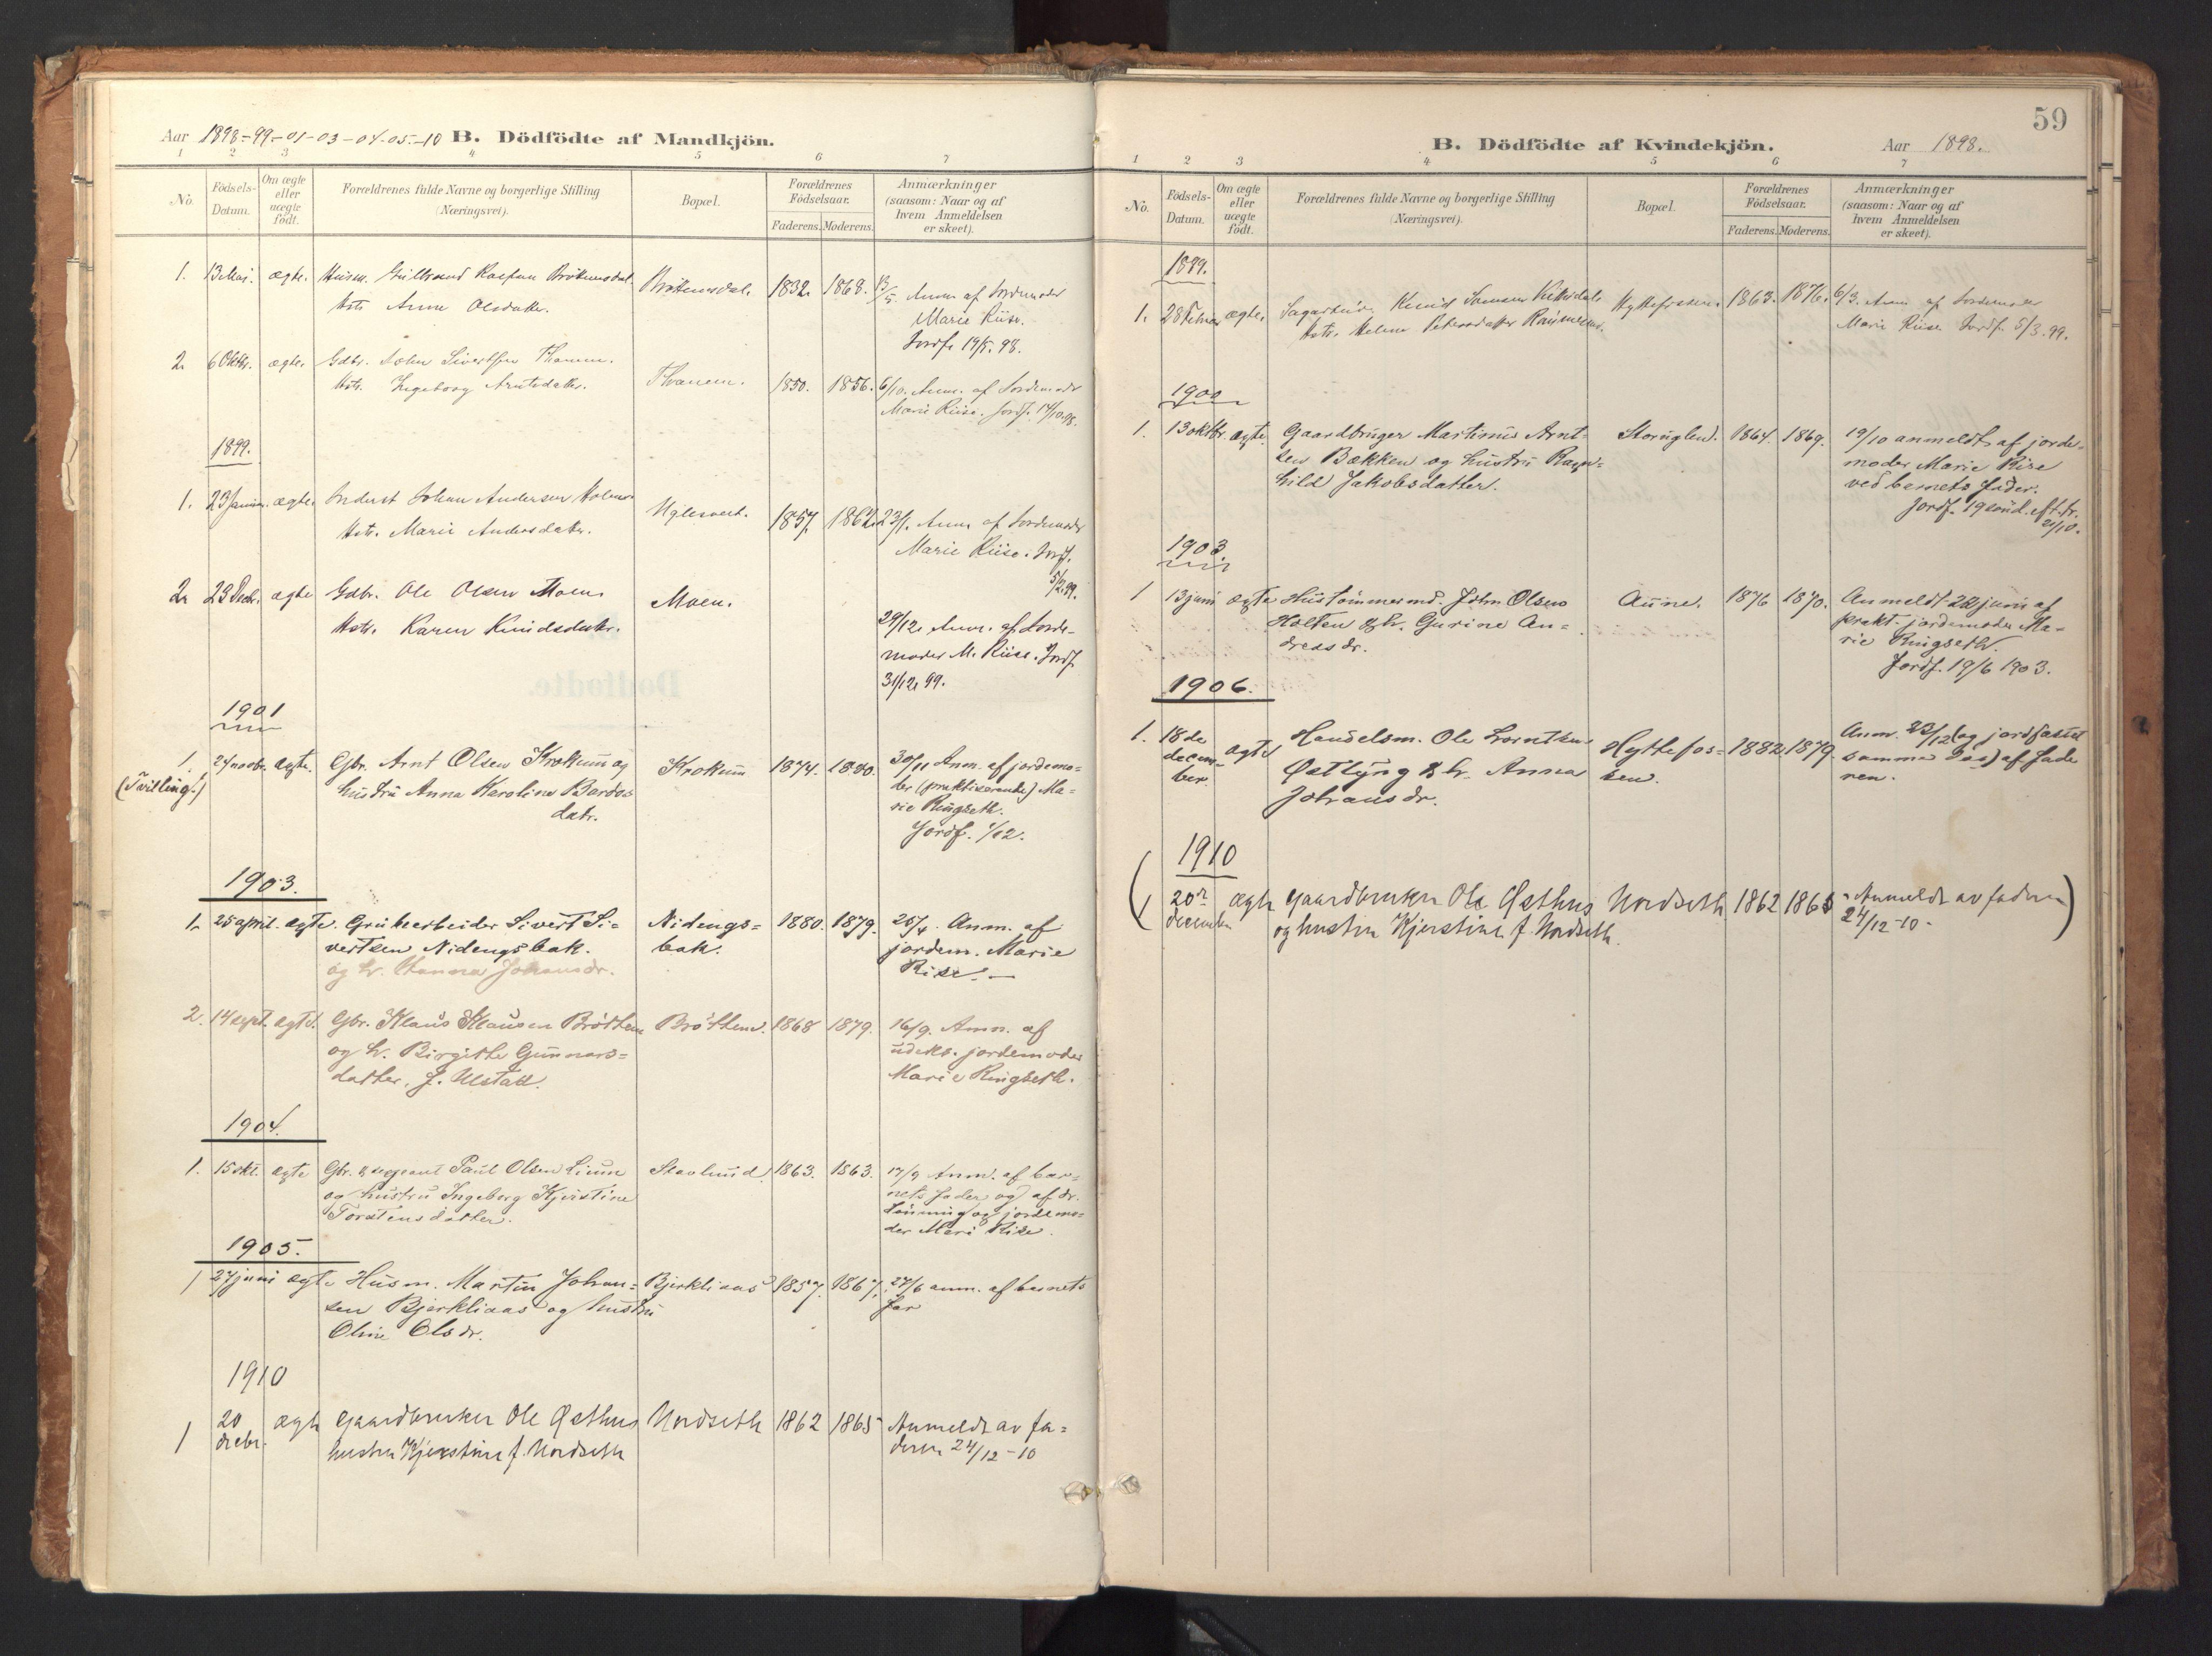 SAT, Ministerialprotokoller, klokkerbøker og fødselsregistre - Sør-Trøndelag, 618/L0448: Ministerialbok nr. 618A11, 1898-1916, s. 59